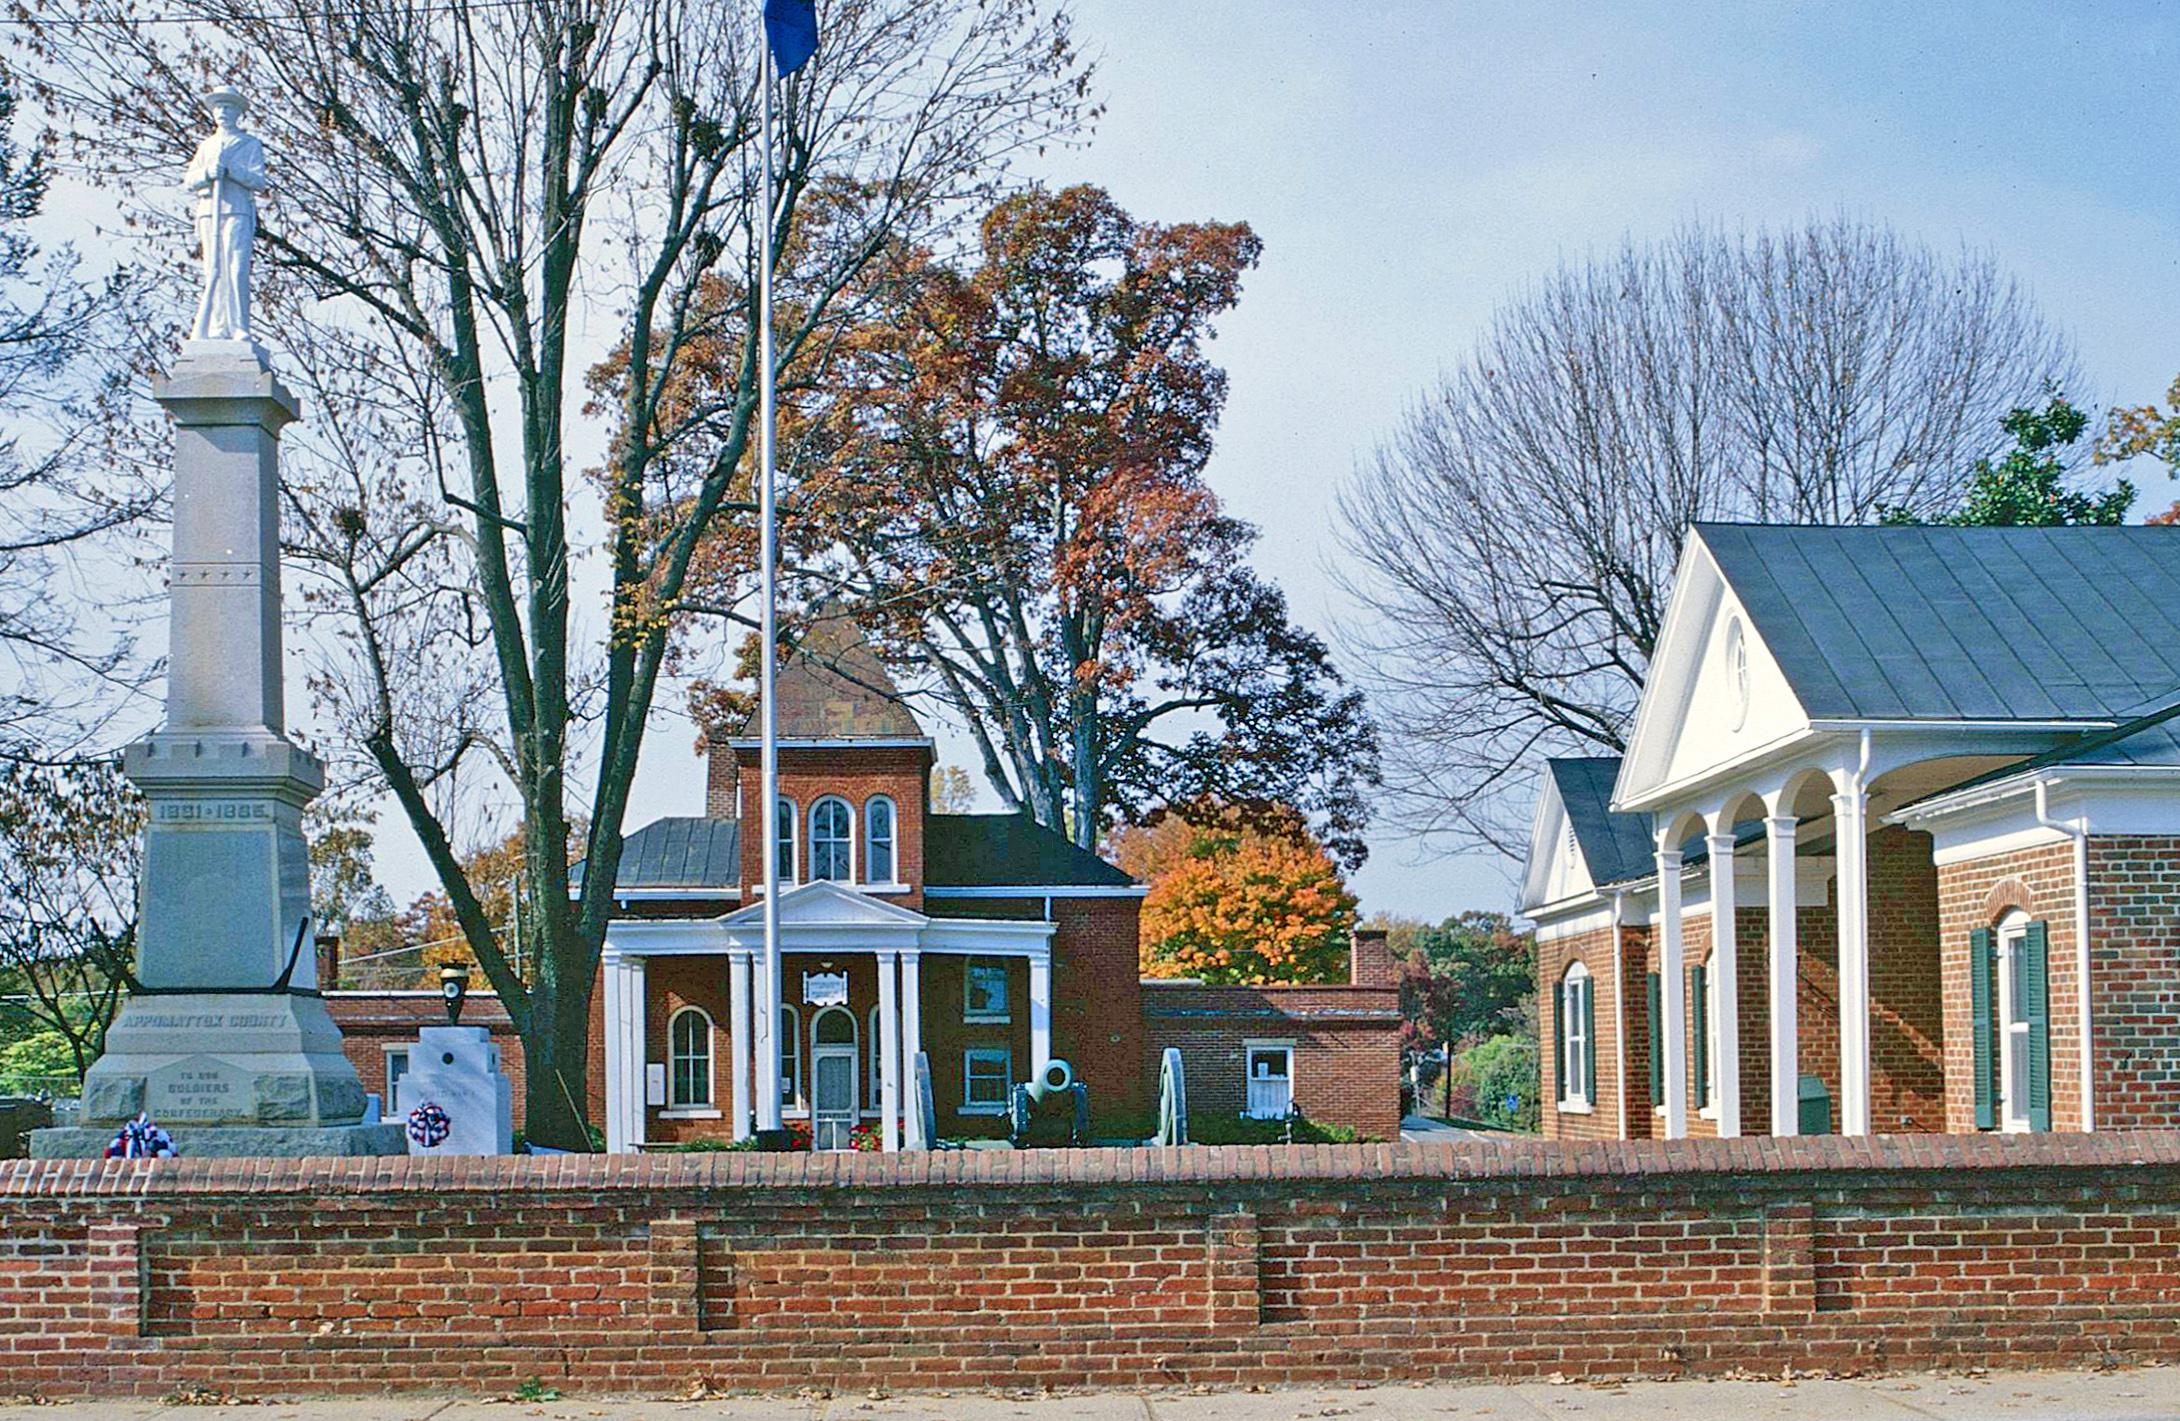 Appomattox Historic District